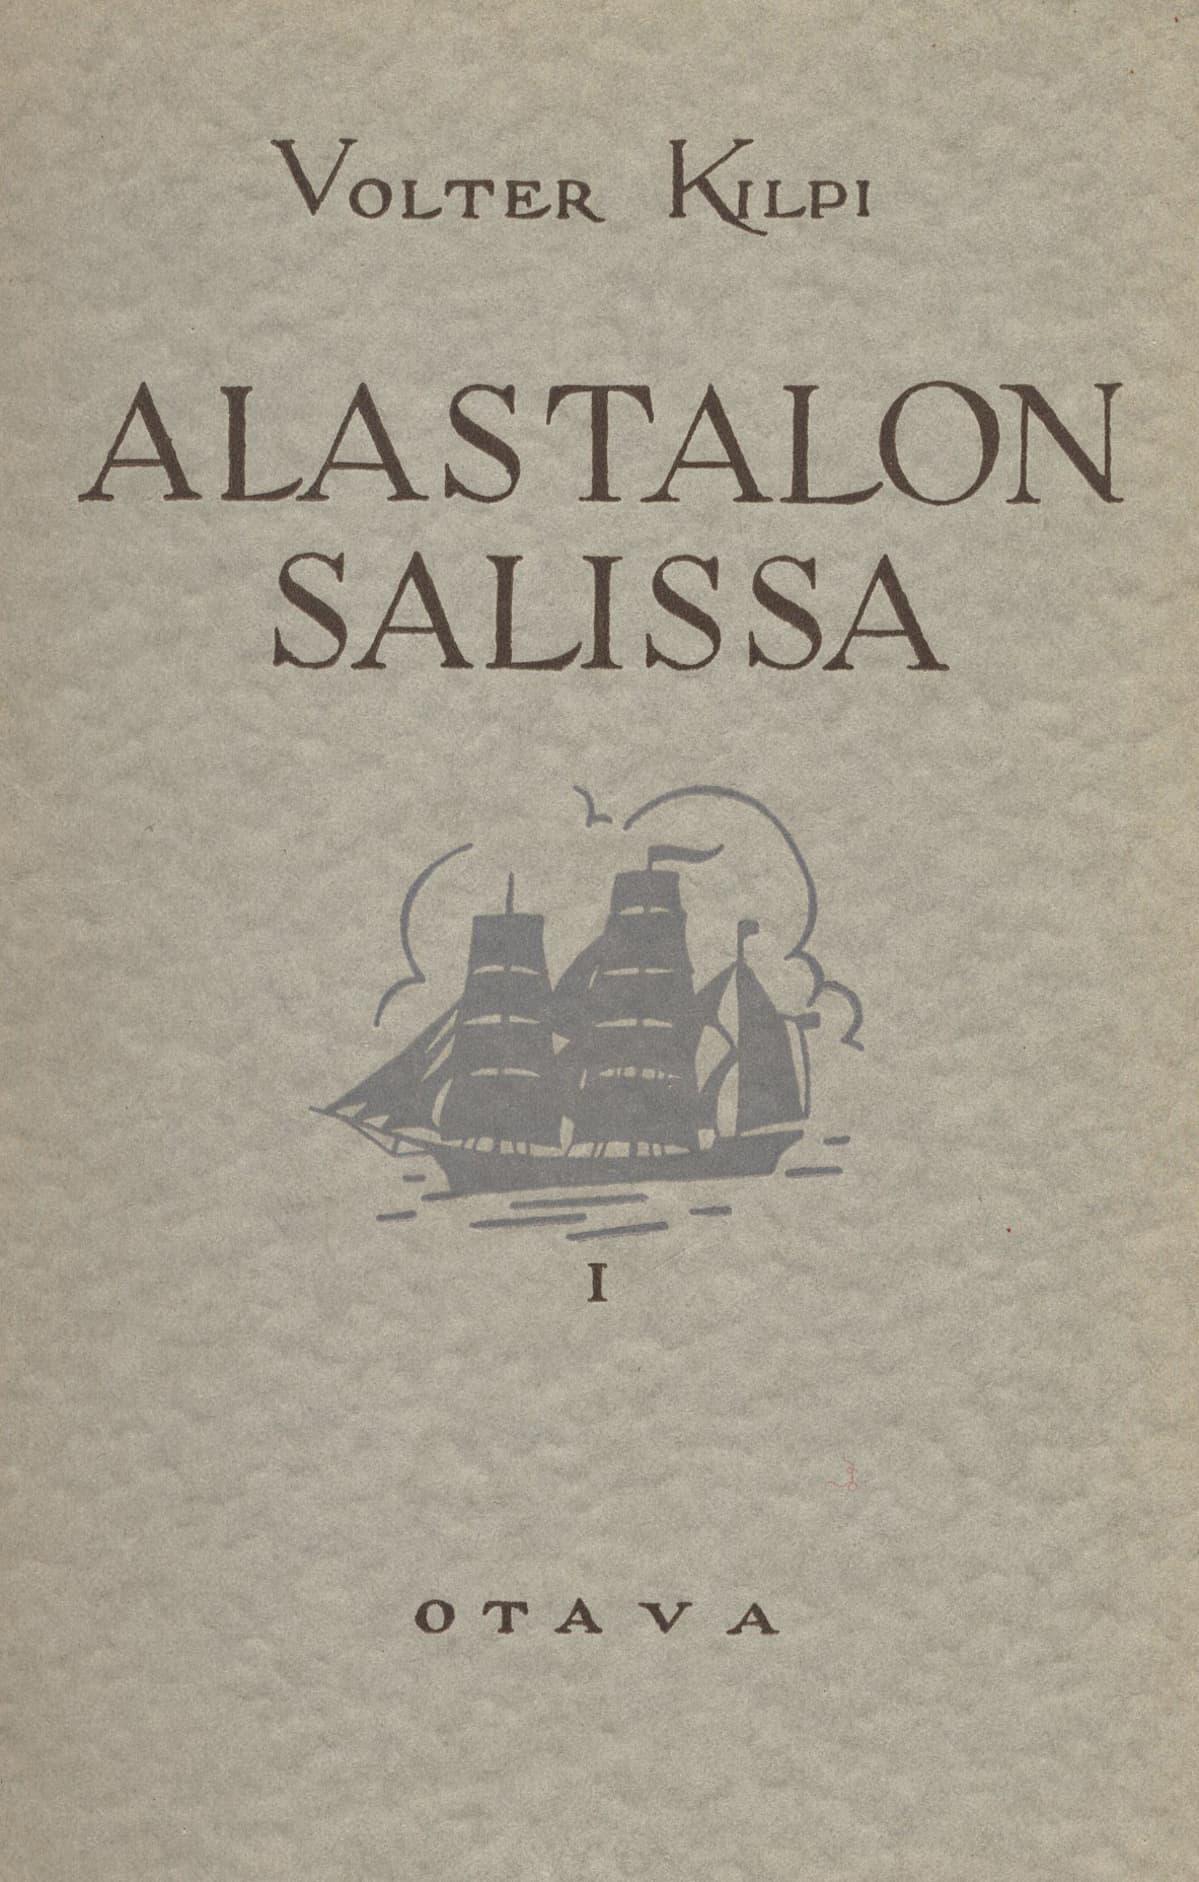 Vain harva on lukenut, mutta silti moni väittää niin – huomisesta lähtien  helpottaa, sillä 900-sivuisen merkkiteoksen voi kuunnella äänikirjana | Yle  Uutiset | yle.fi